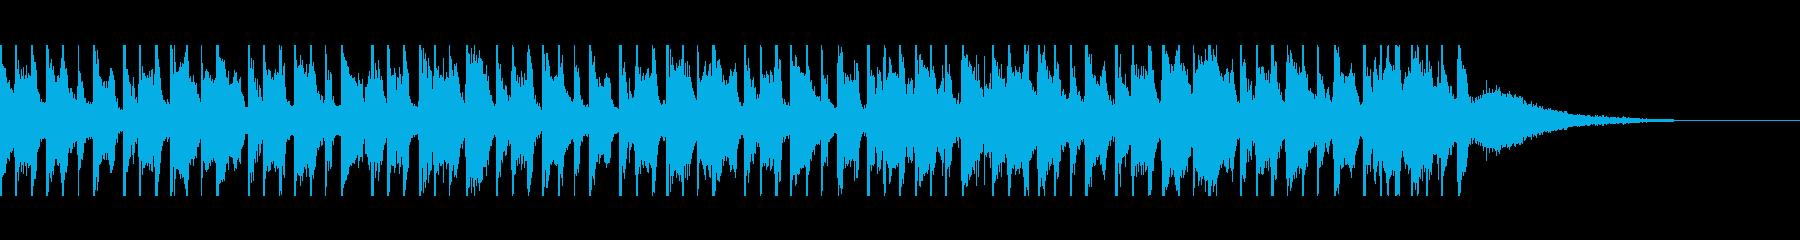 ベリーダンス(30秒)の再生済みの波形